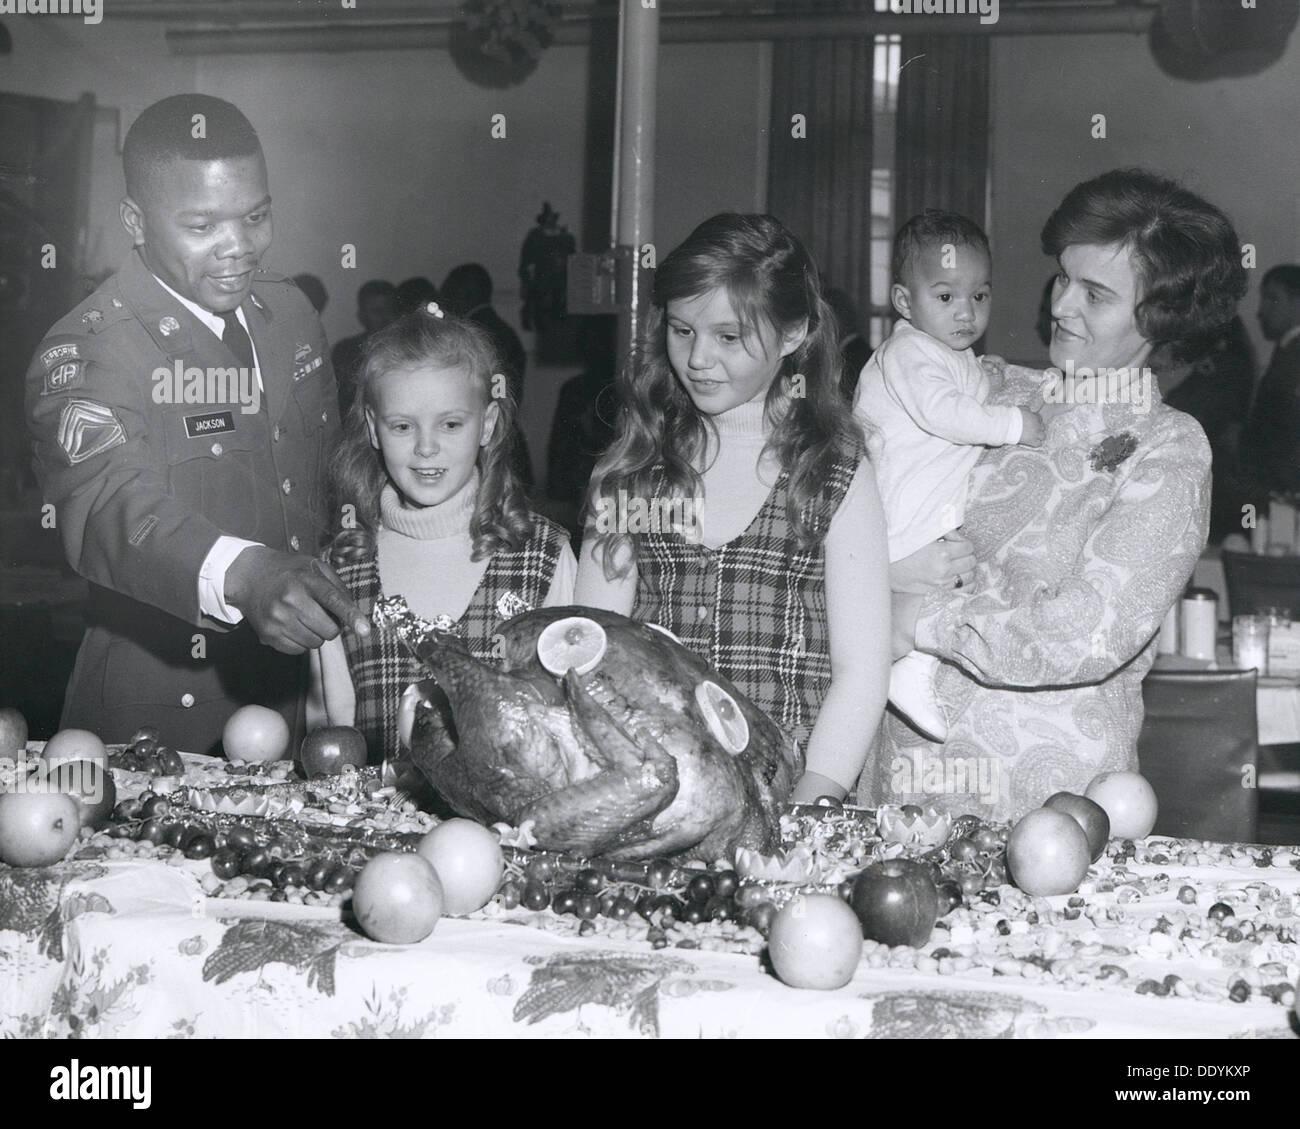 Thanksgiving Day journée anniversaire à l'états mess, Fort Sheridan, Illinois, USA, 1969. Artiste: SP5 Photo Stock